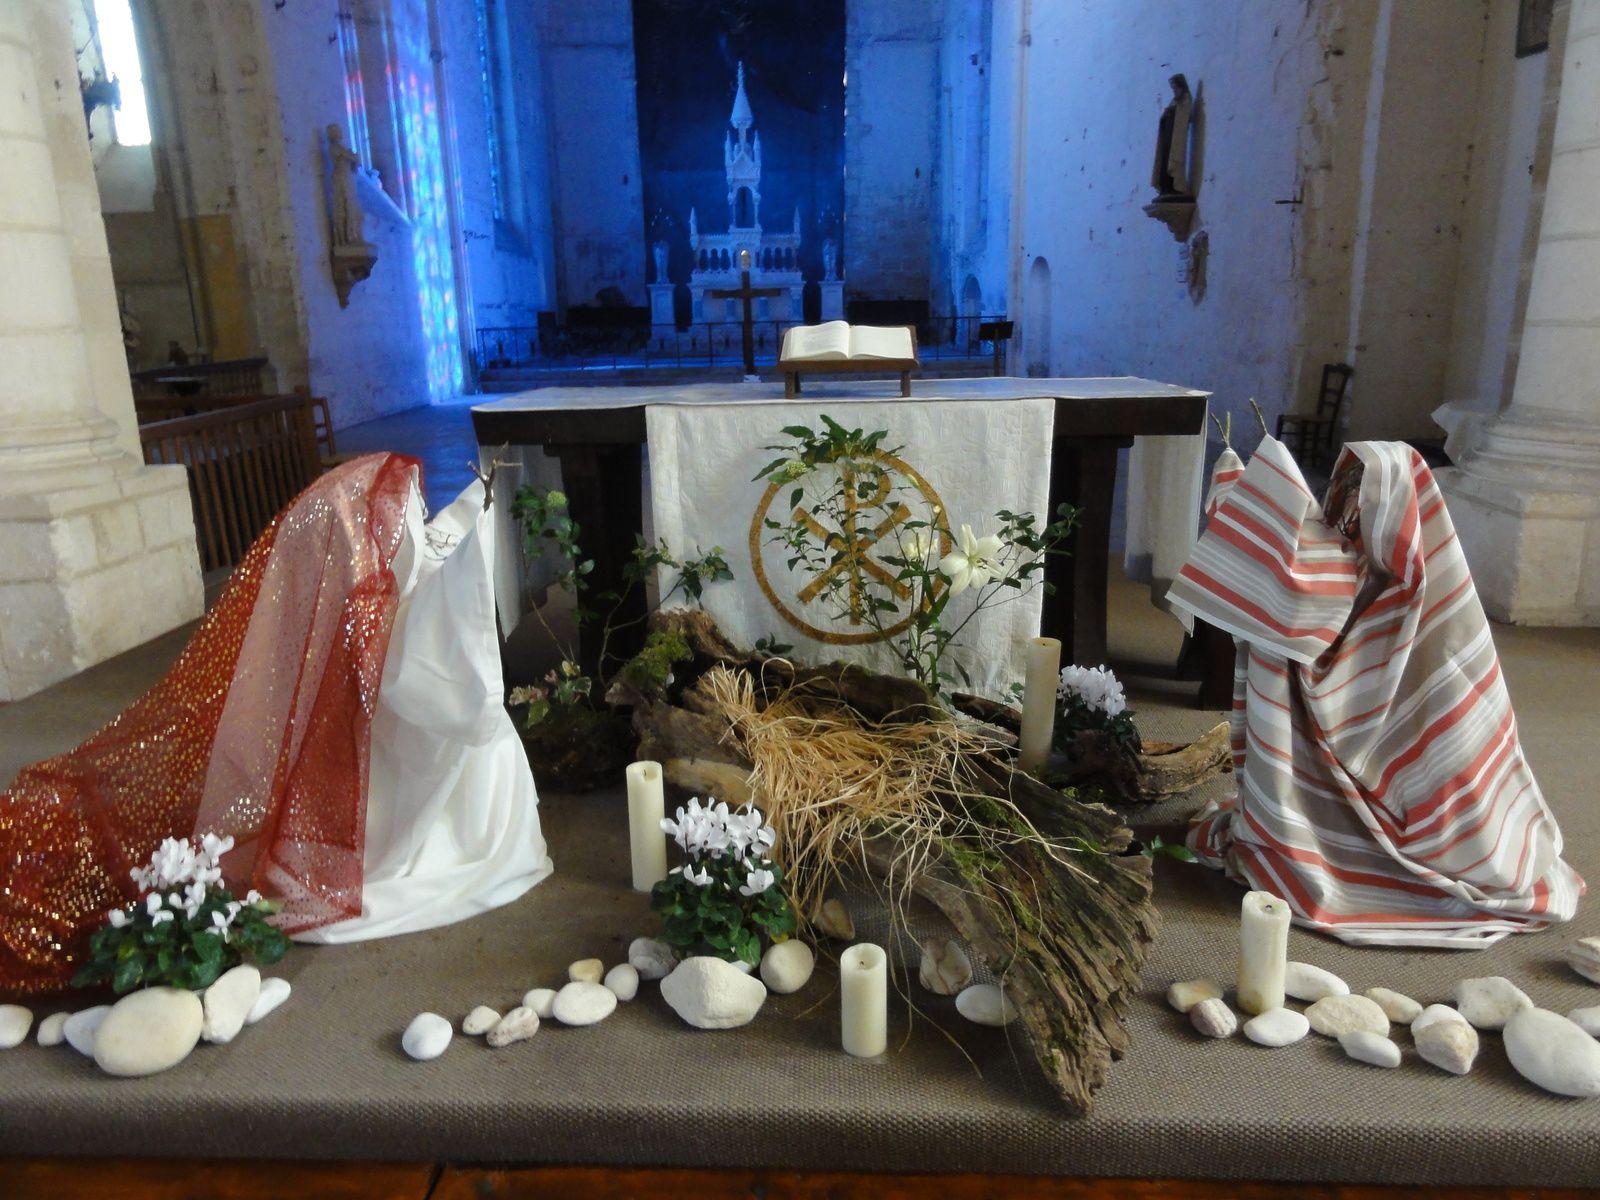 Le jardin liturgique de saint Amant de Boixe. 4ème dimanche de l'Avent.